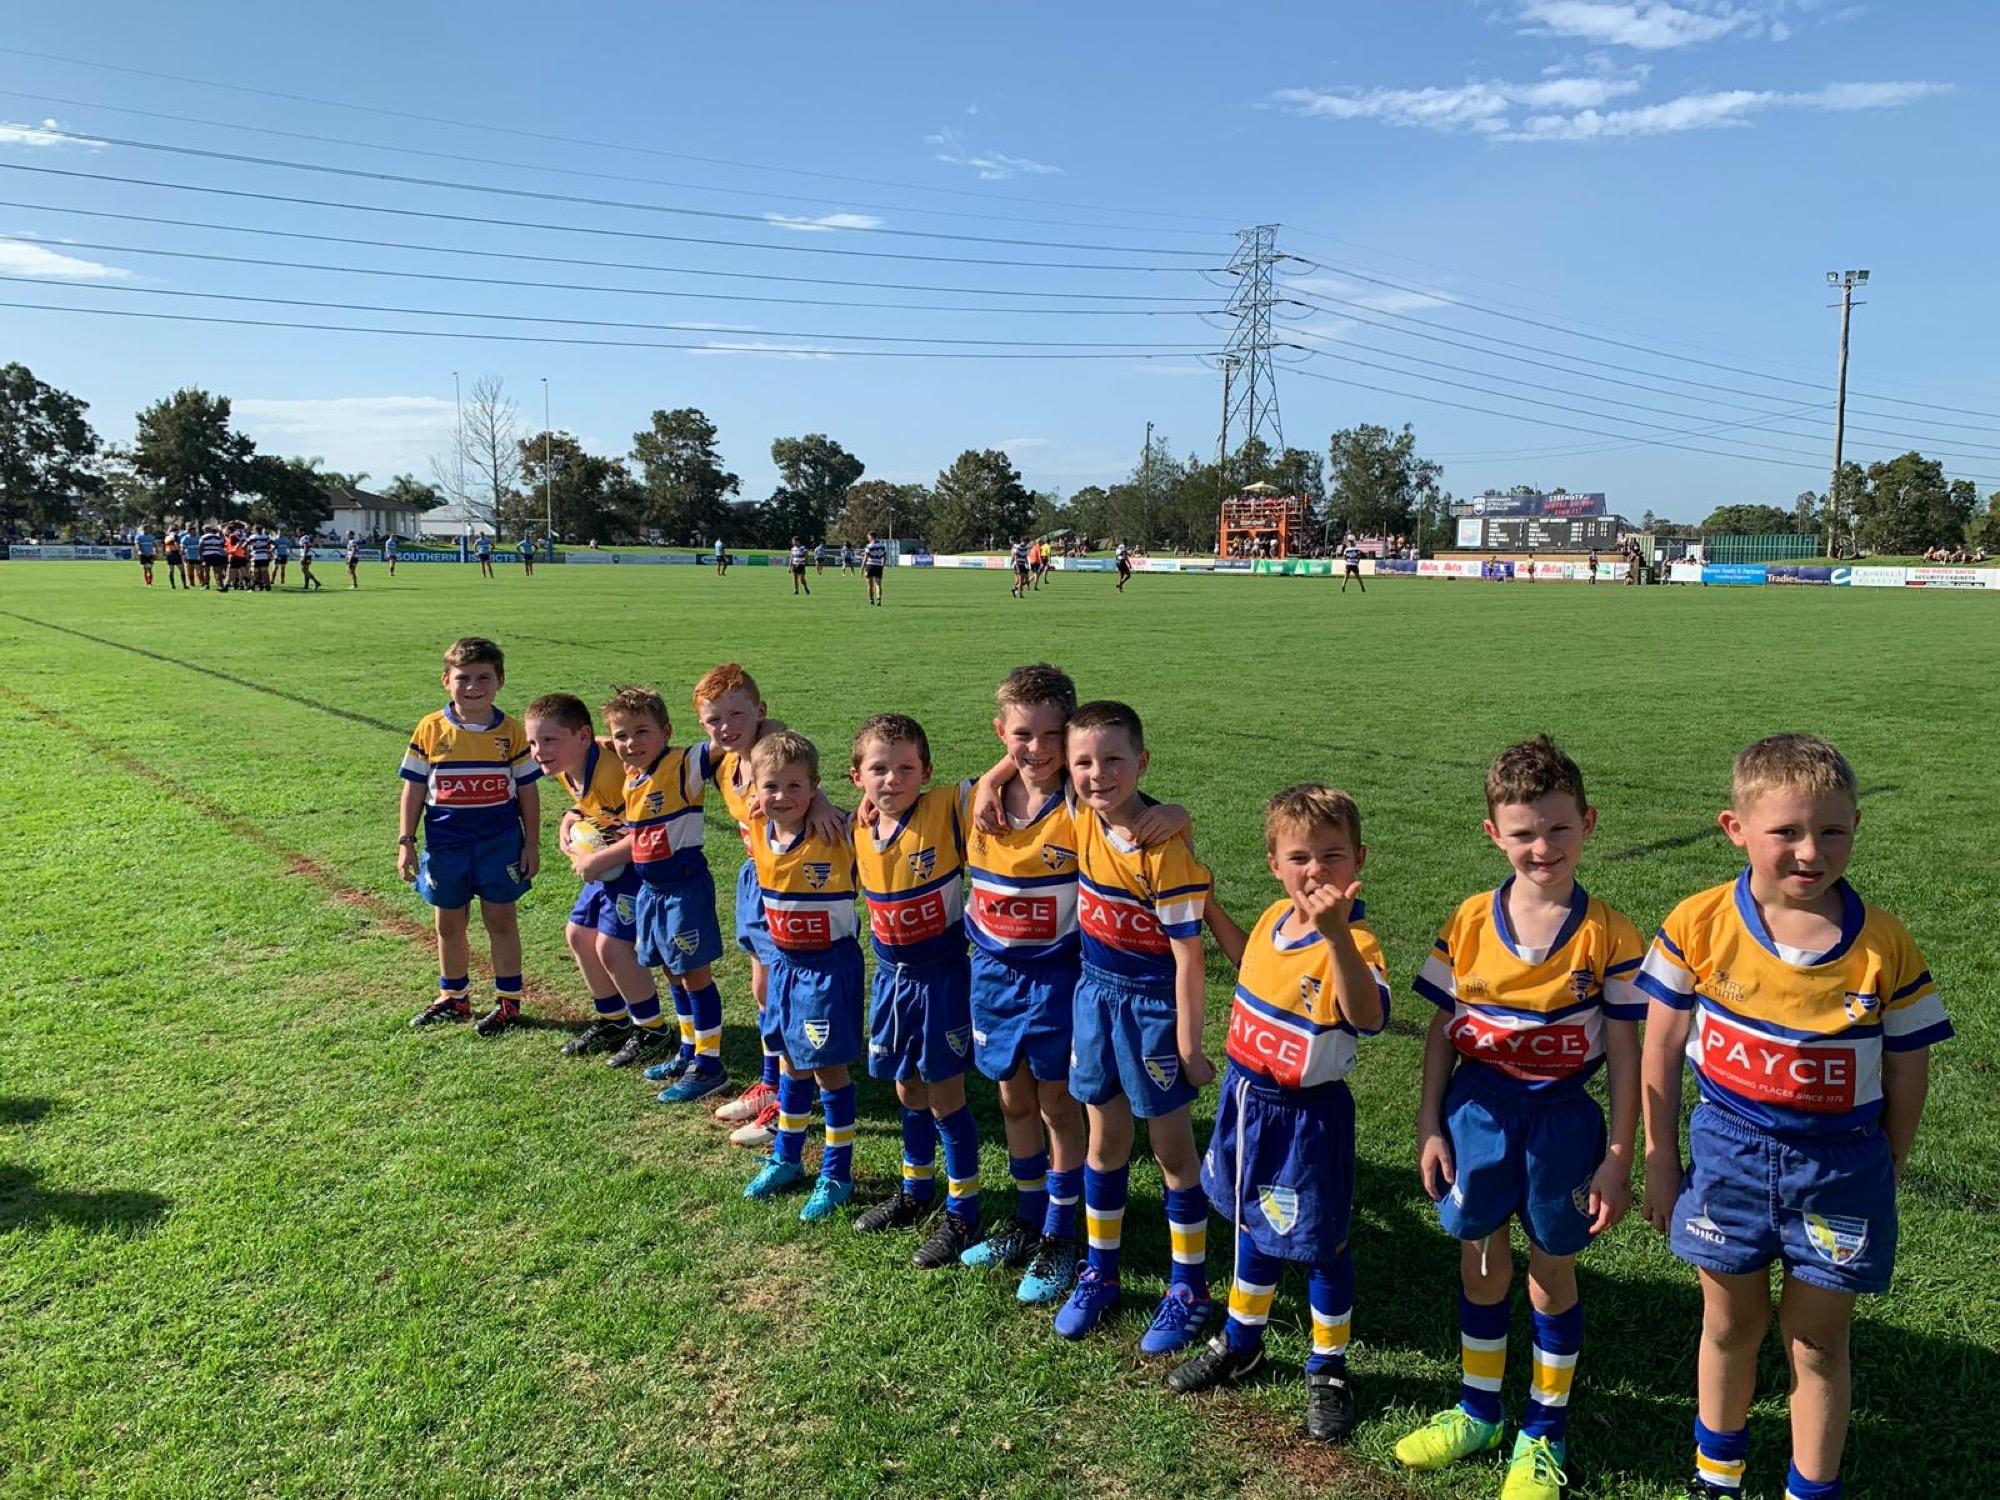 Children and Adolescent Athletes